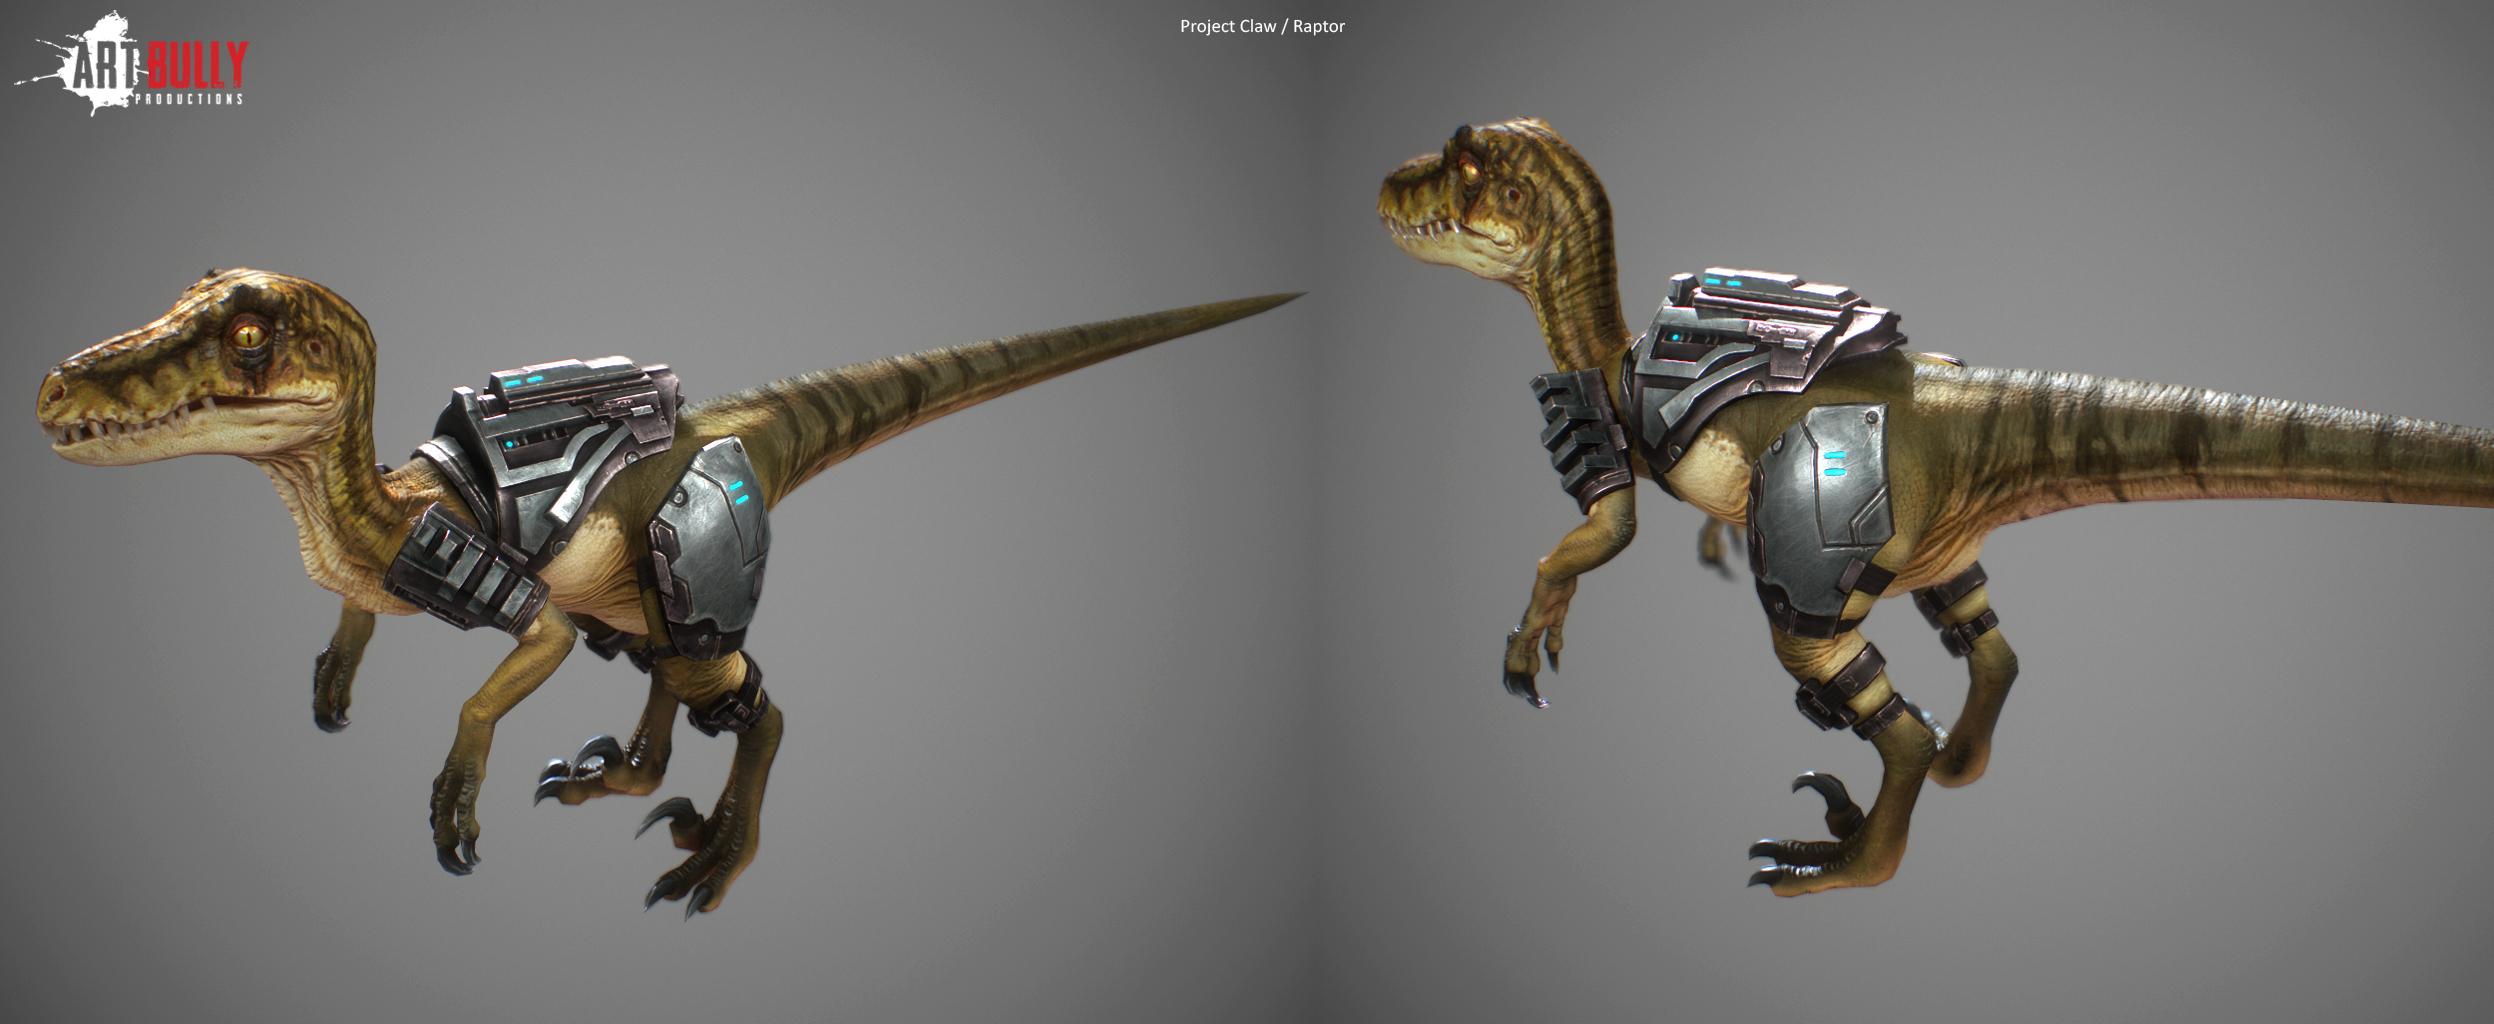 Raptor_Render_01a.jpg